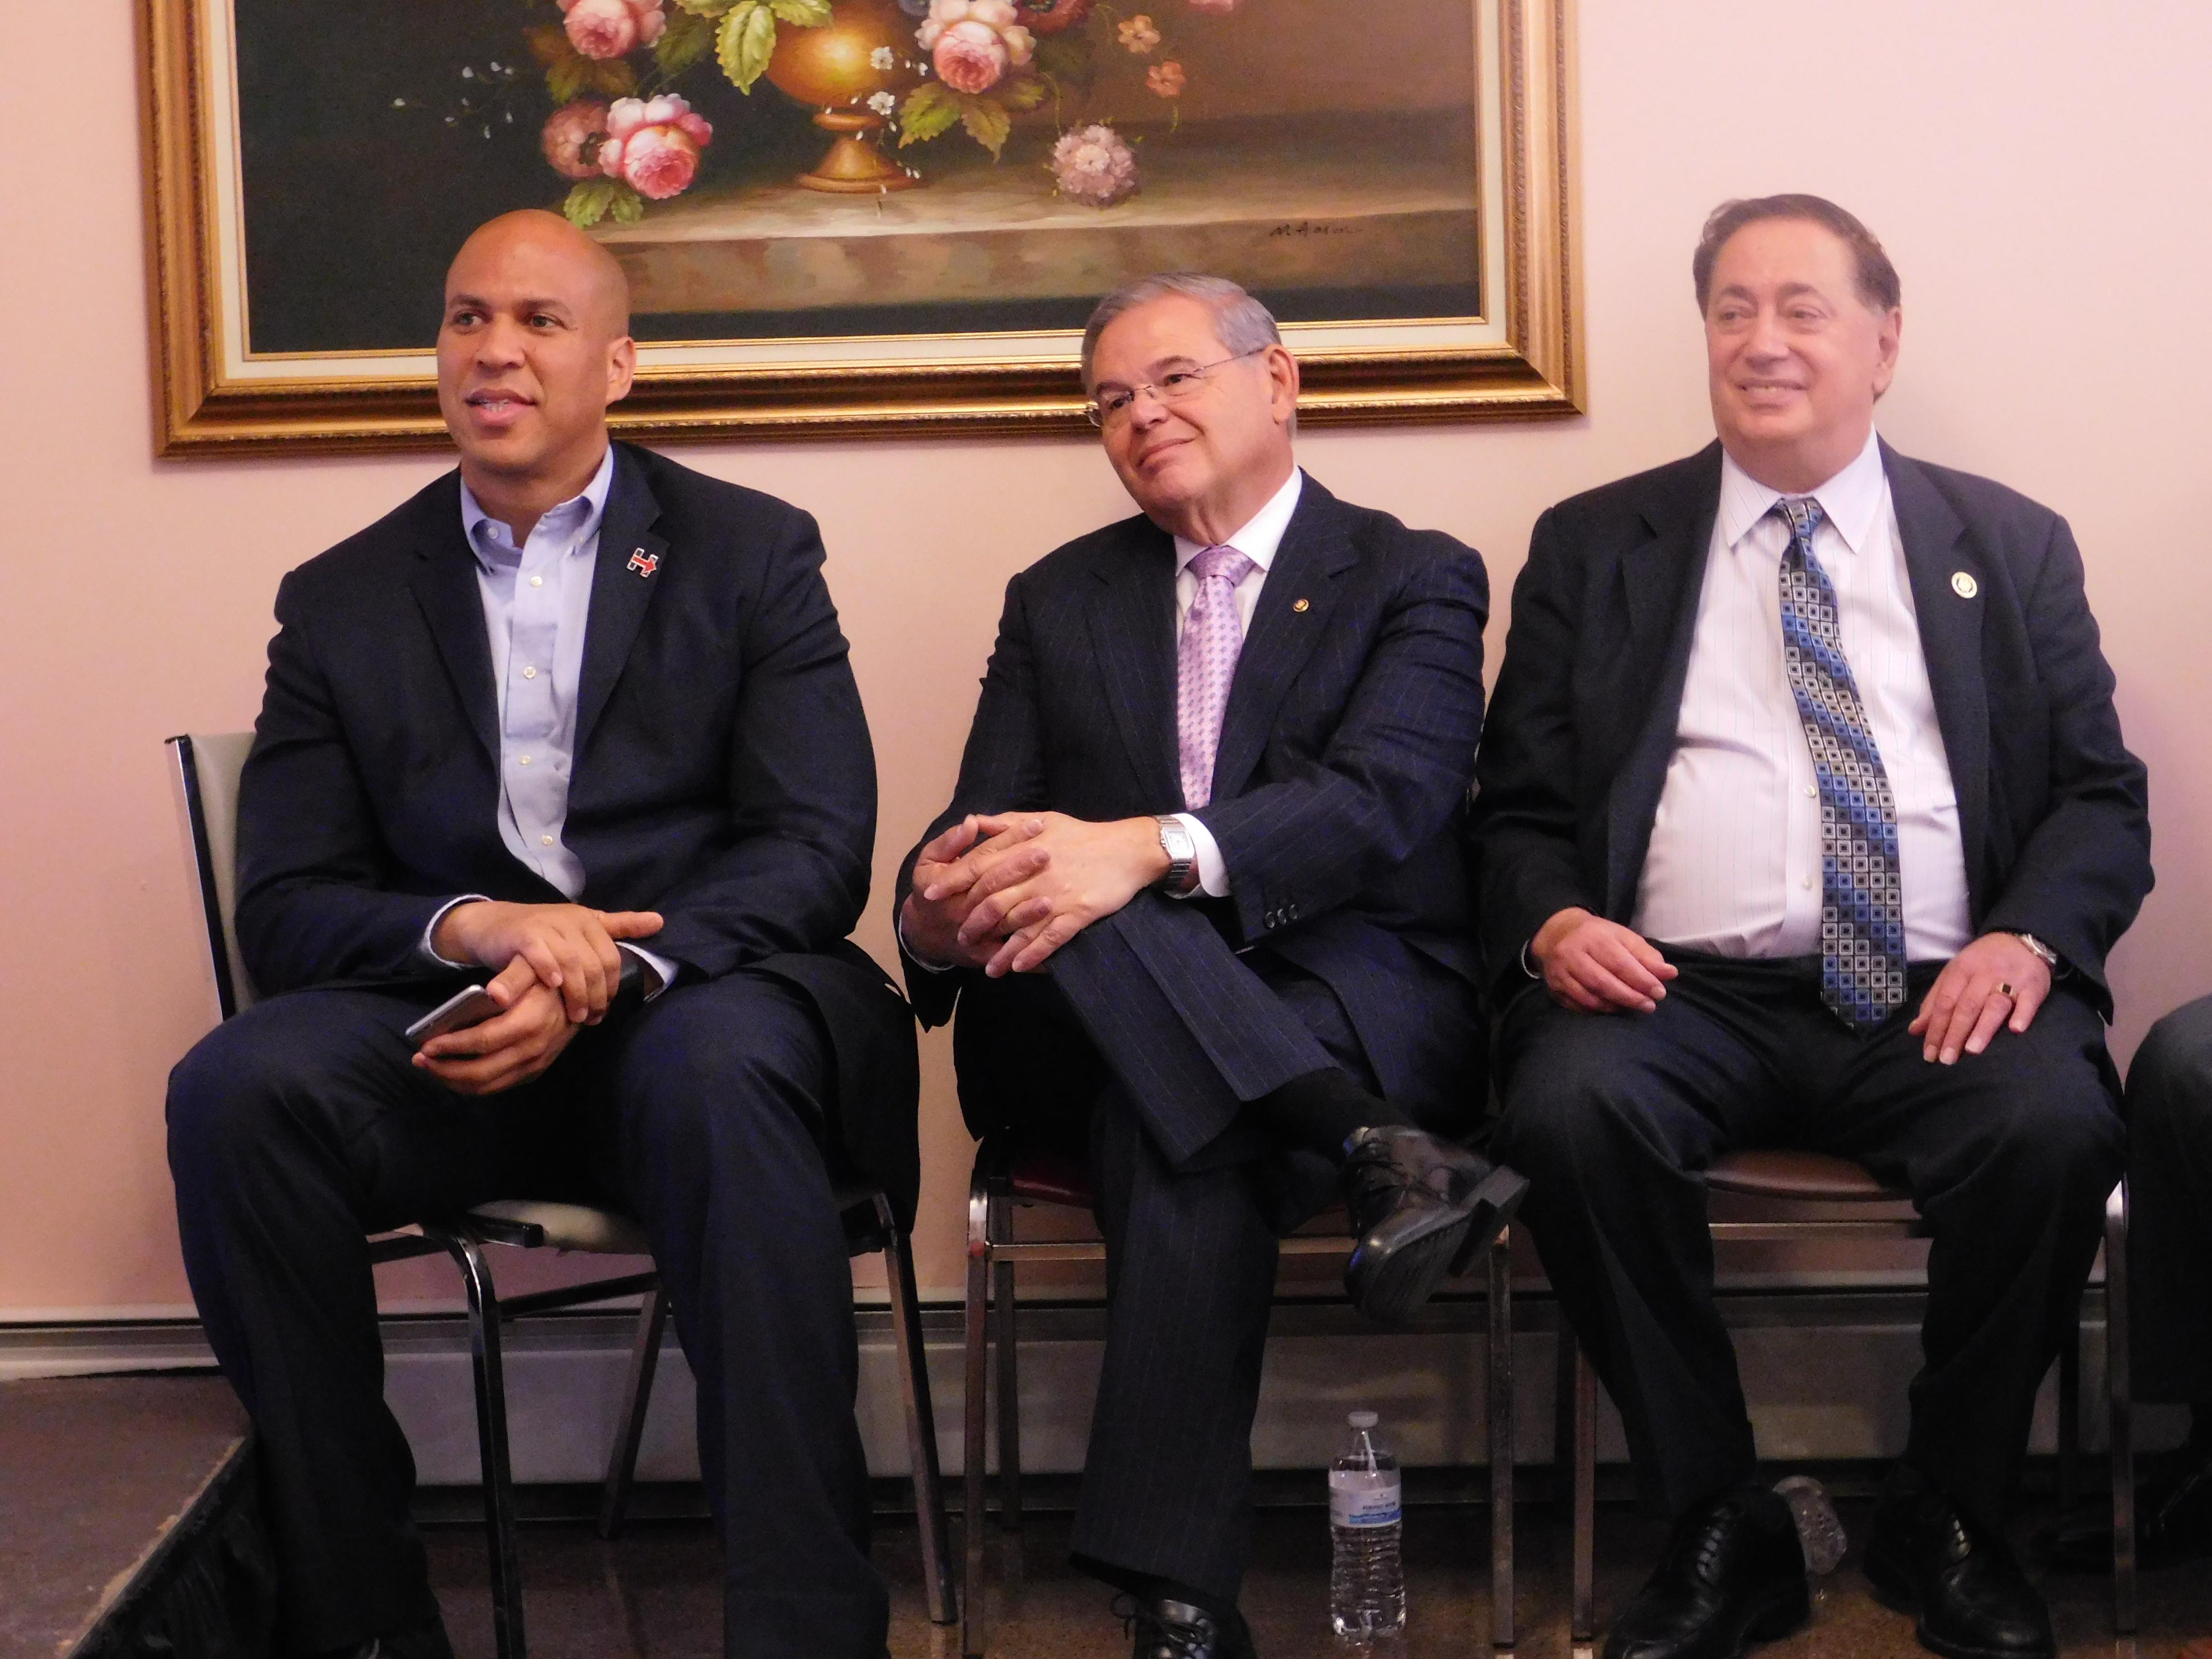 Booker, Menendez and Sacco listen to Chelsea Clinton speak.